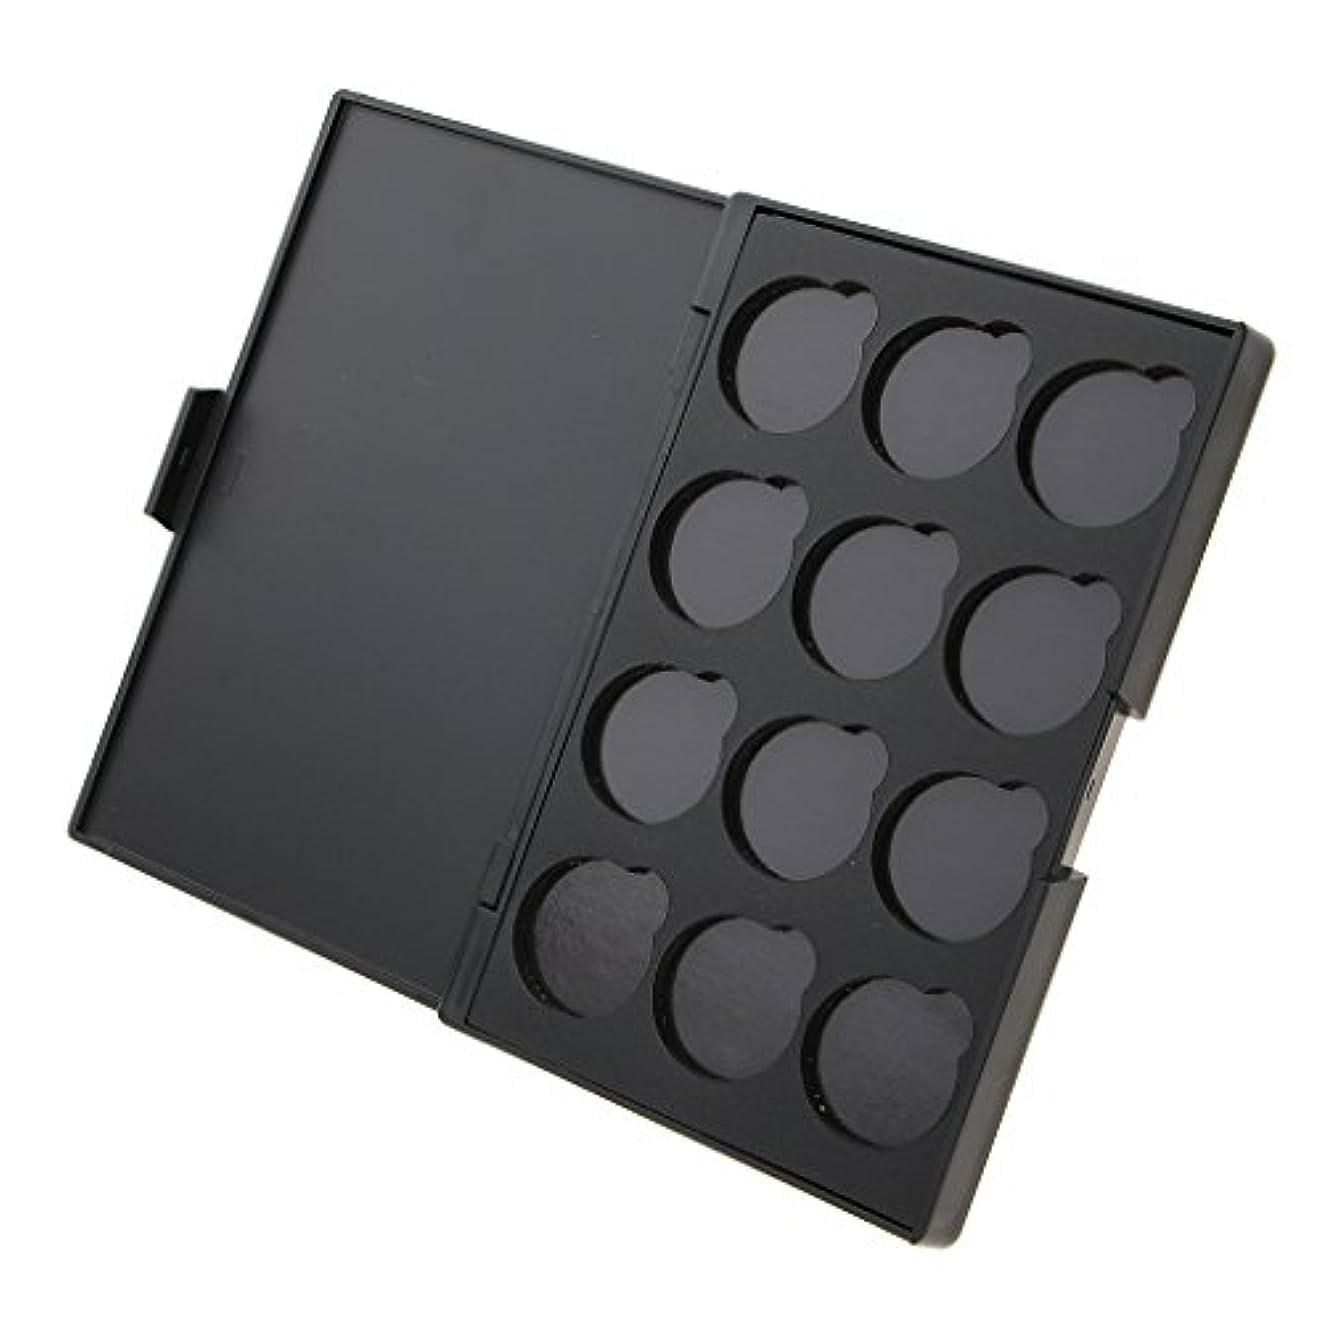 ベスト払い戻ししてはいけません全3種類 組み合わせ DIY ボックス 磁気 アイシャドー パレット 旅行用 メイクアップ 便携 収納 - ケース+プレート